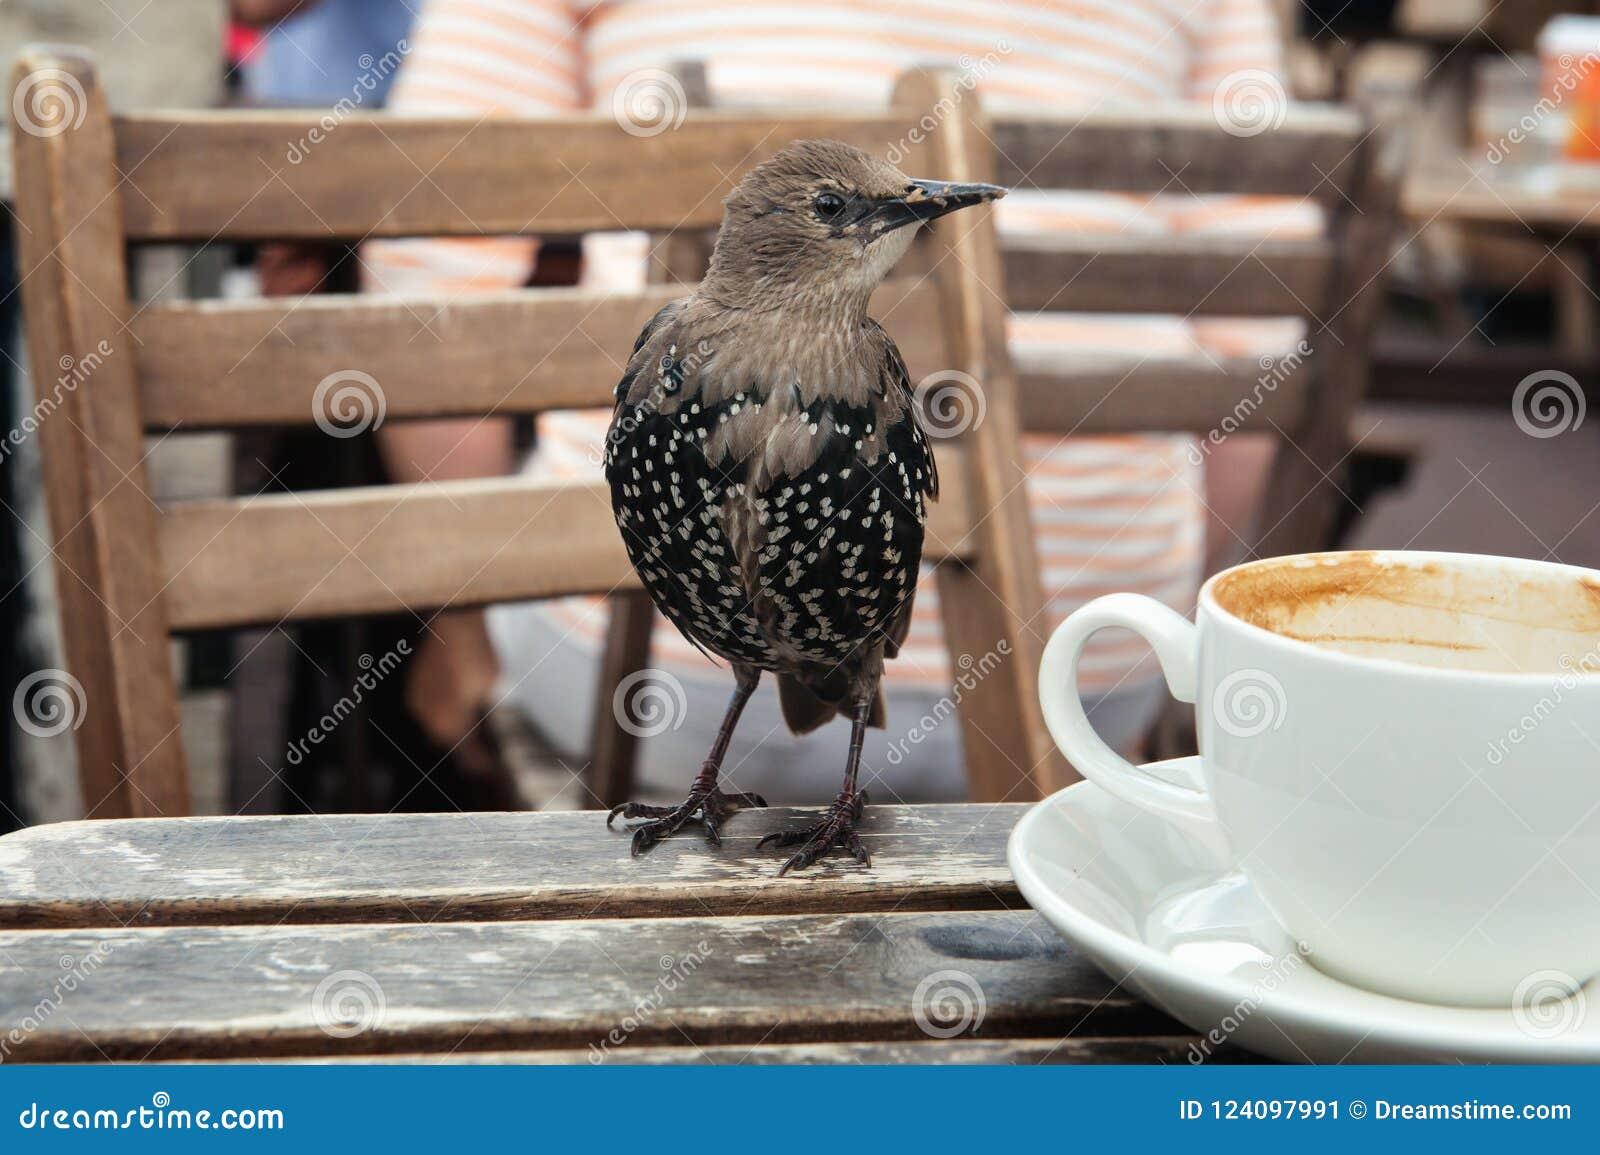 Jeune étourneau sur une table en bois avec une tasse blanche